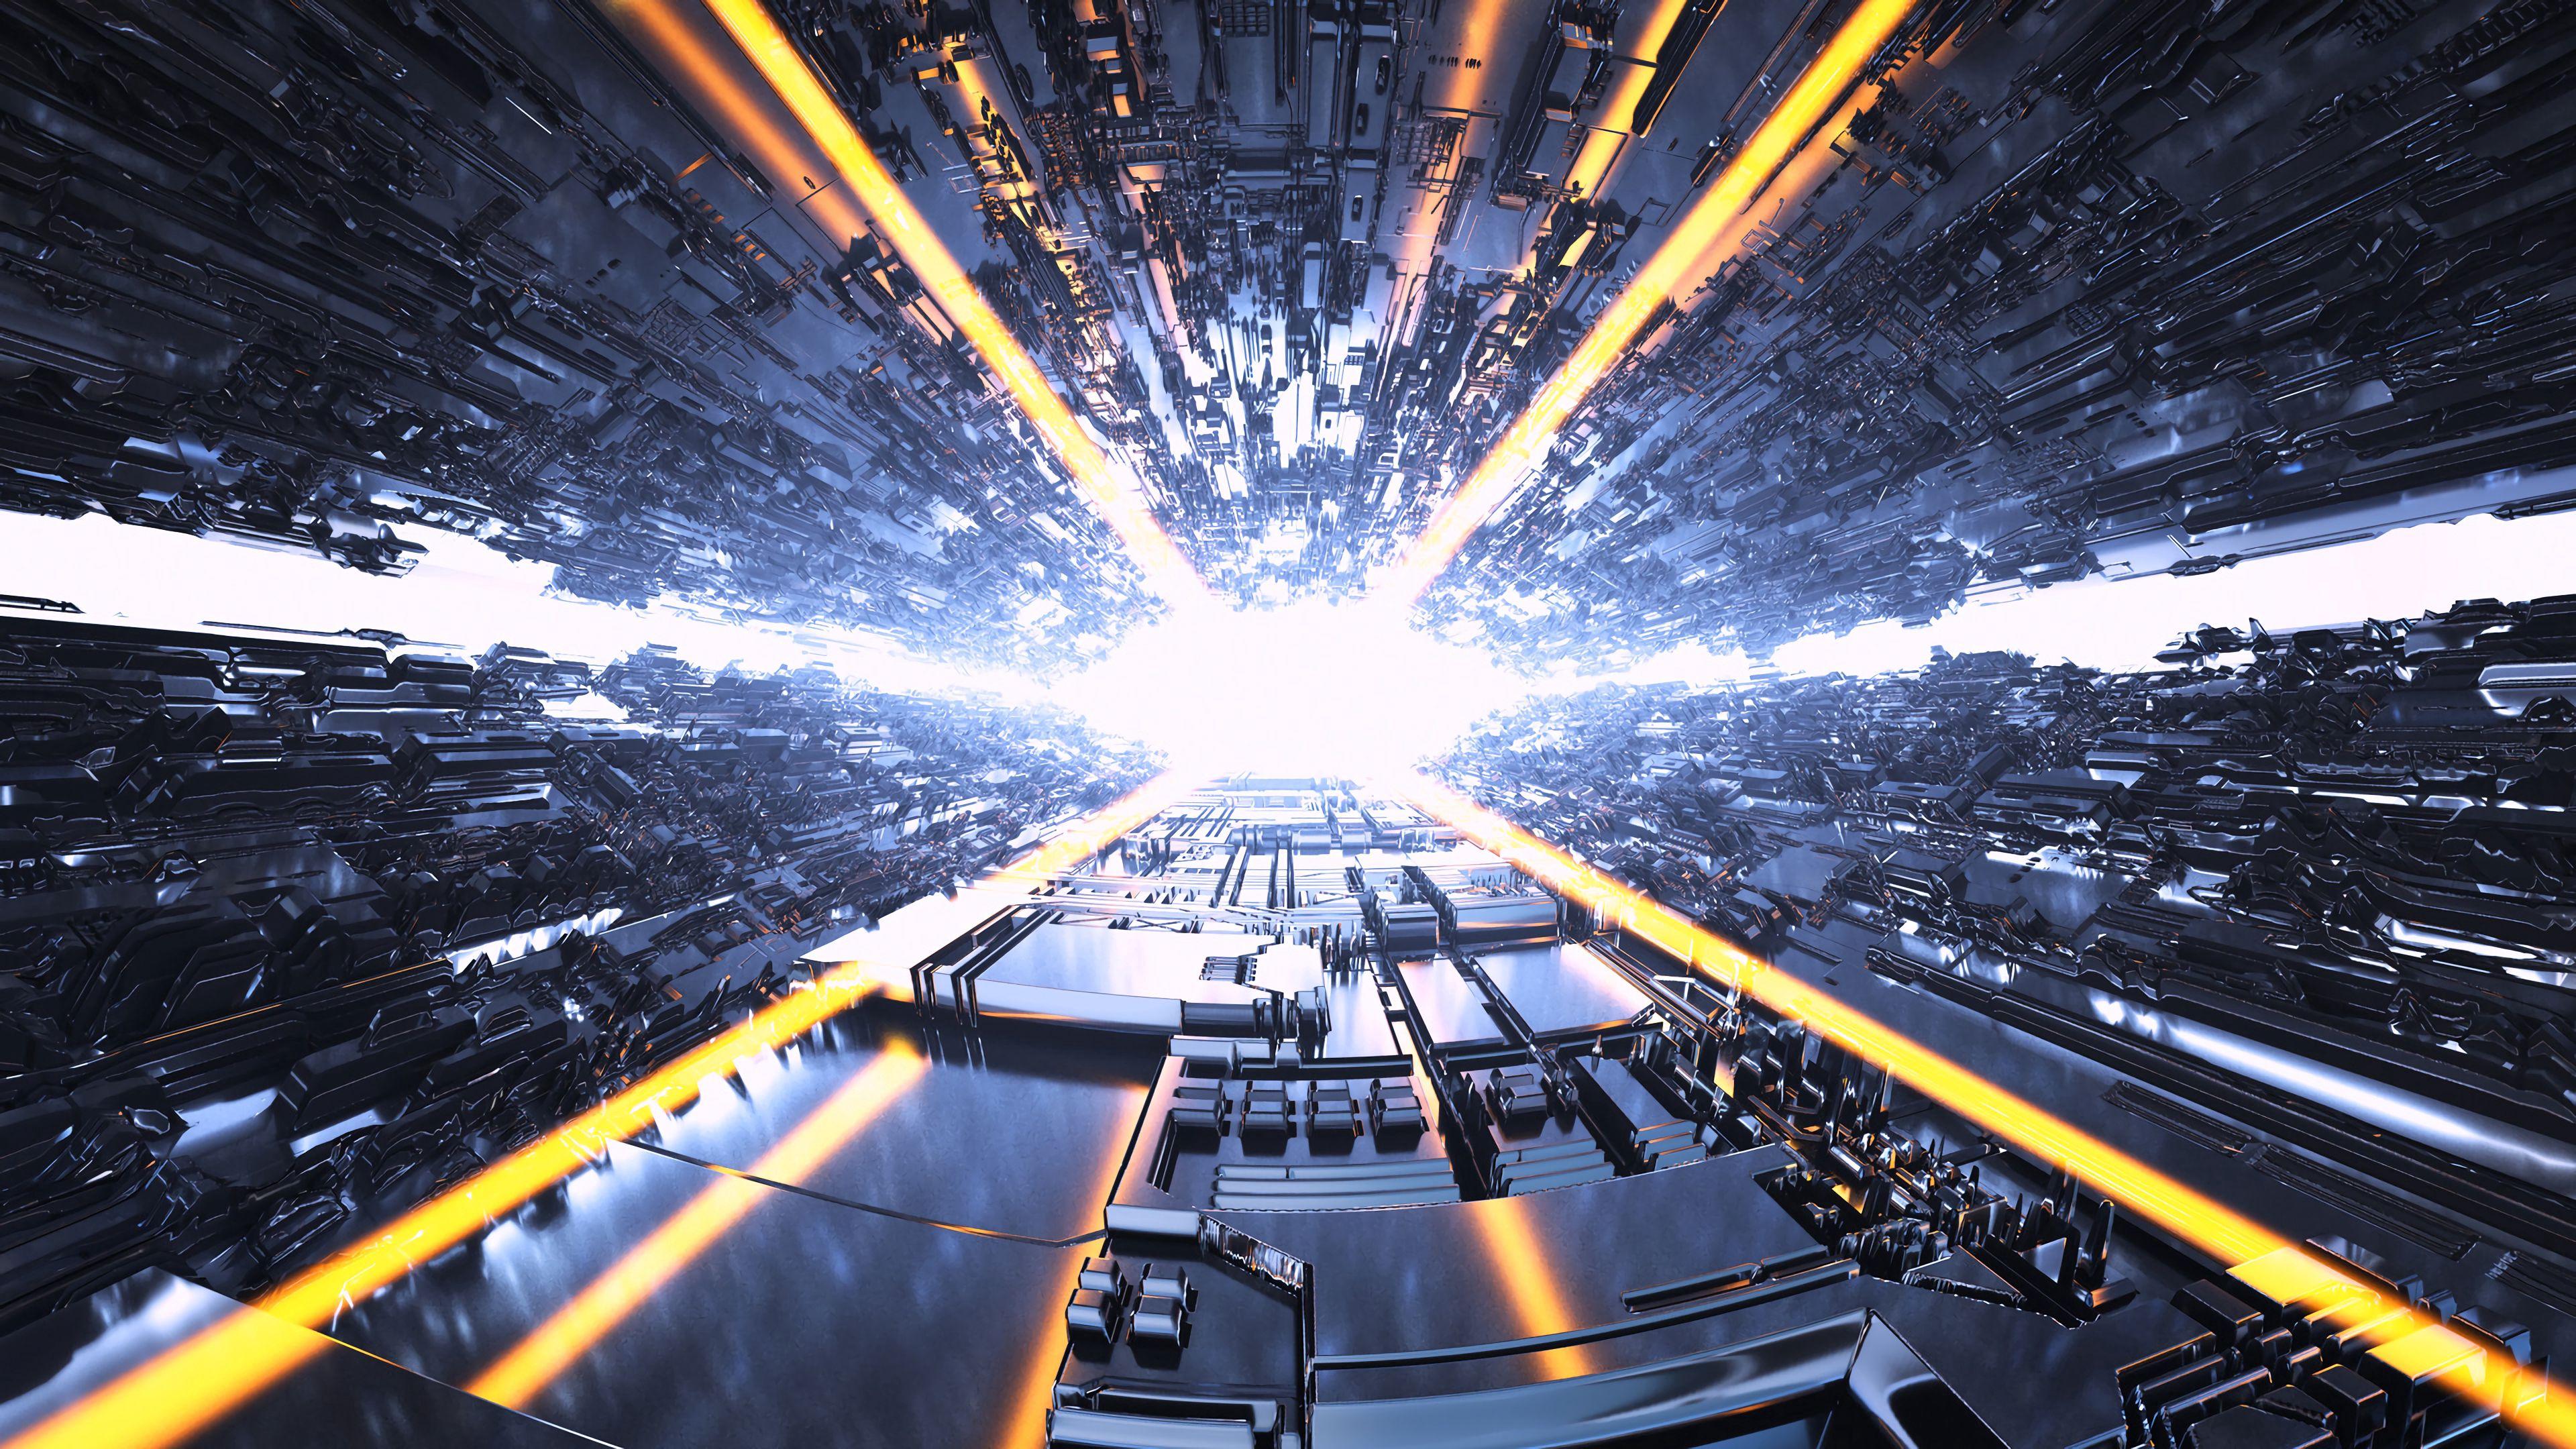 105940壁紙のダウンロードトンネル, 輝く, 光, ビーム, 光線, 明るい, アート-スクリーンセーバーと写真を無料で